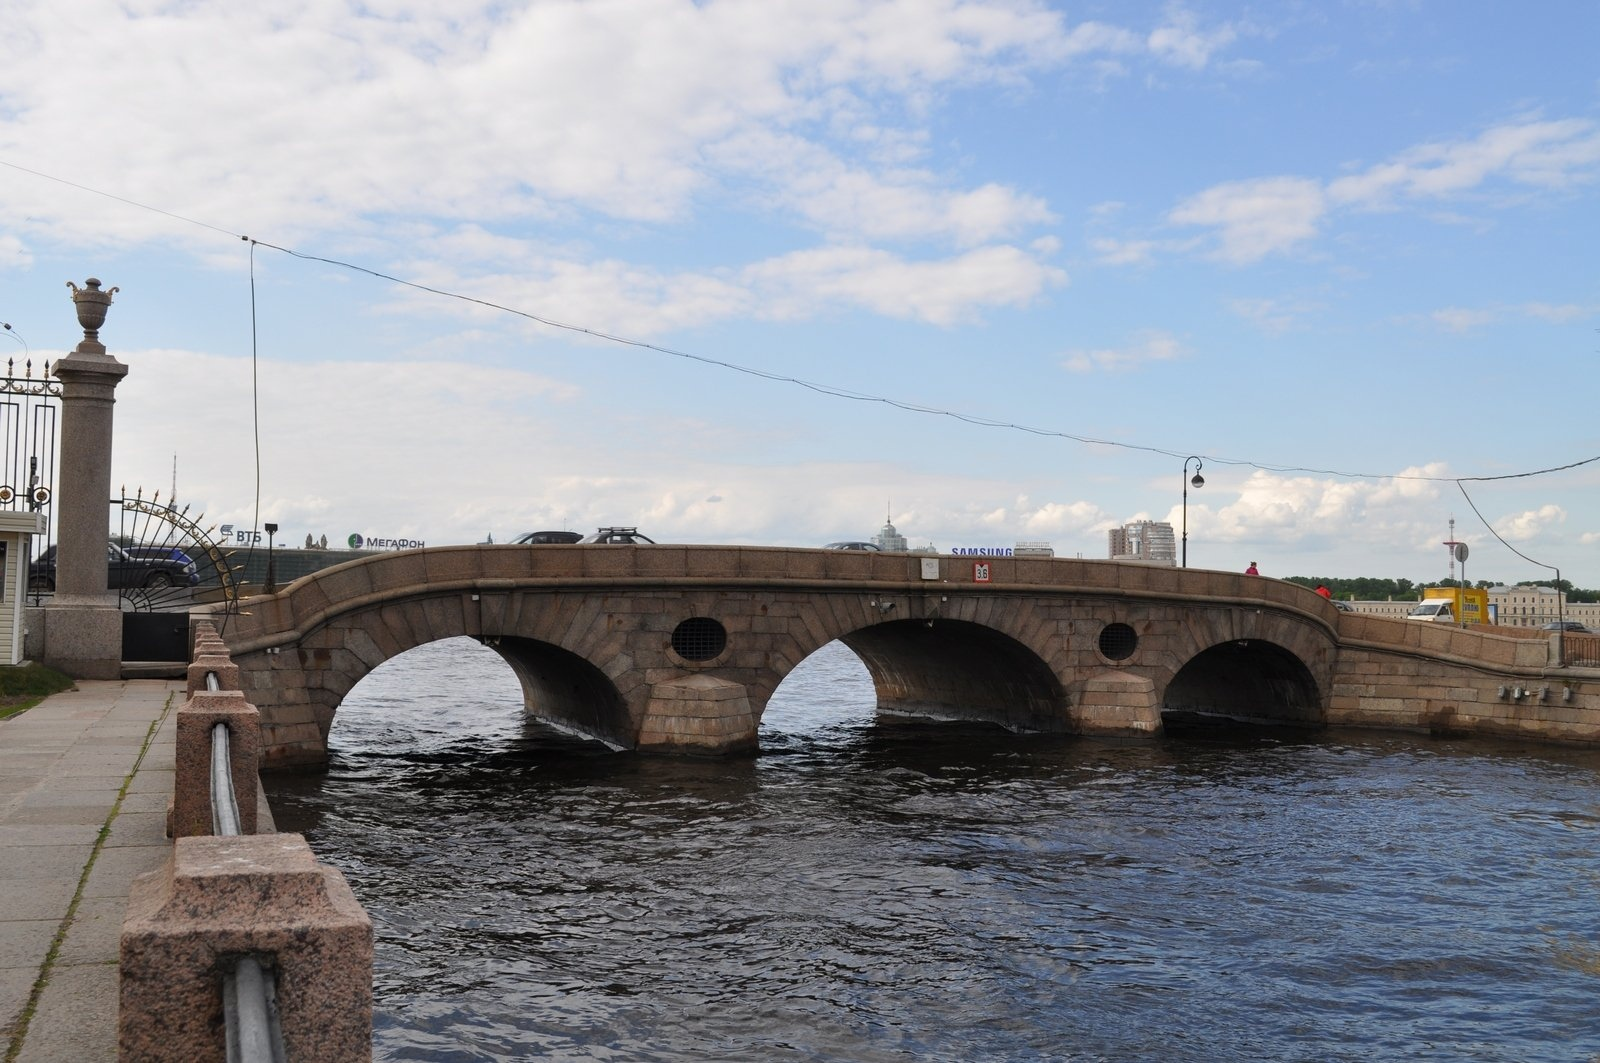 поэтому новоникольский мост фотографии спб может выглядеть